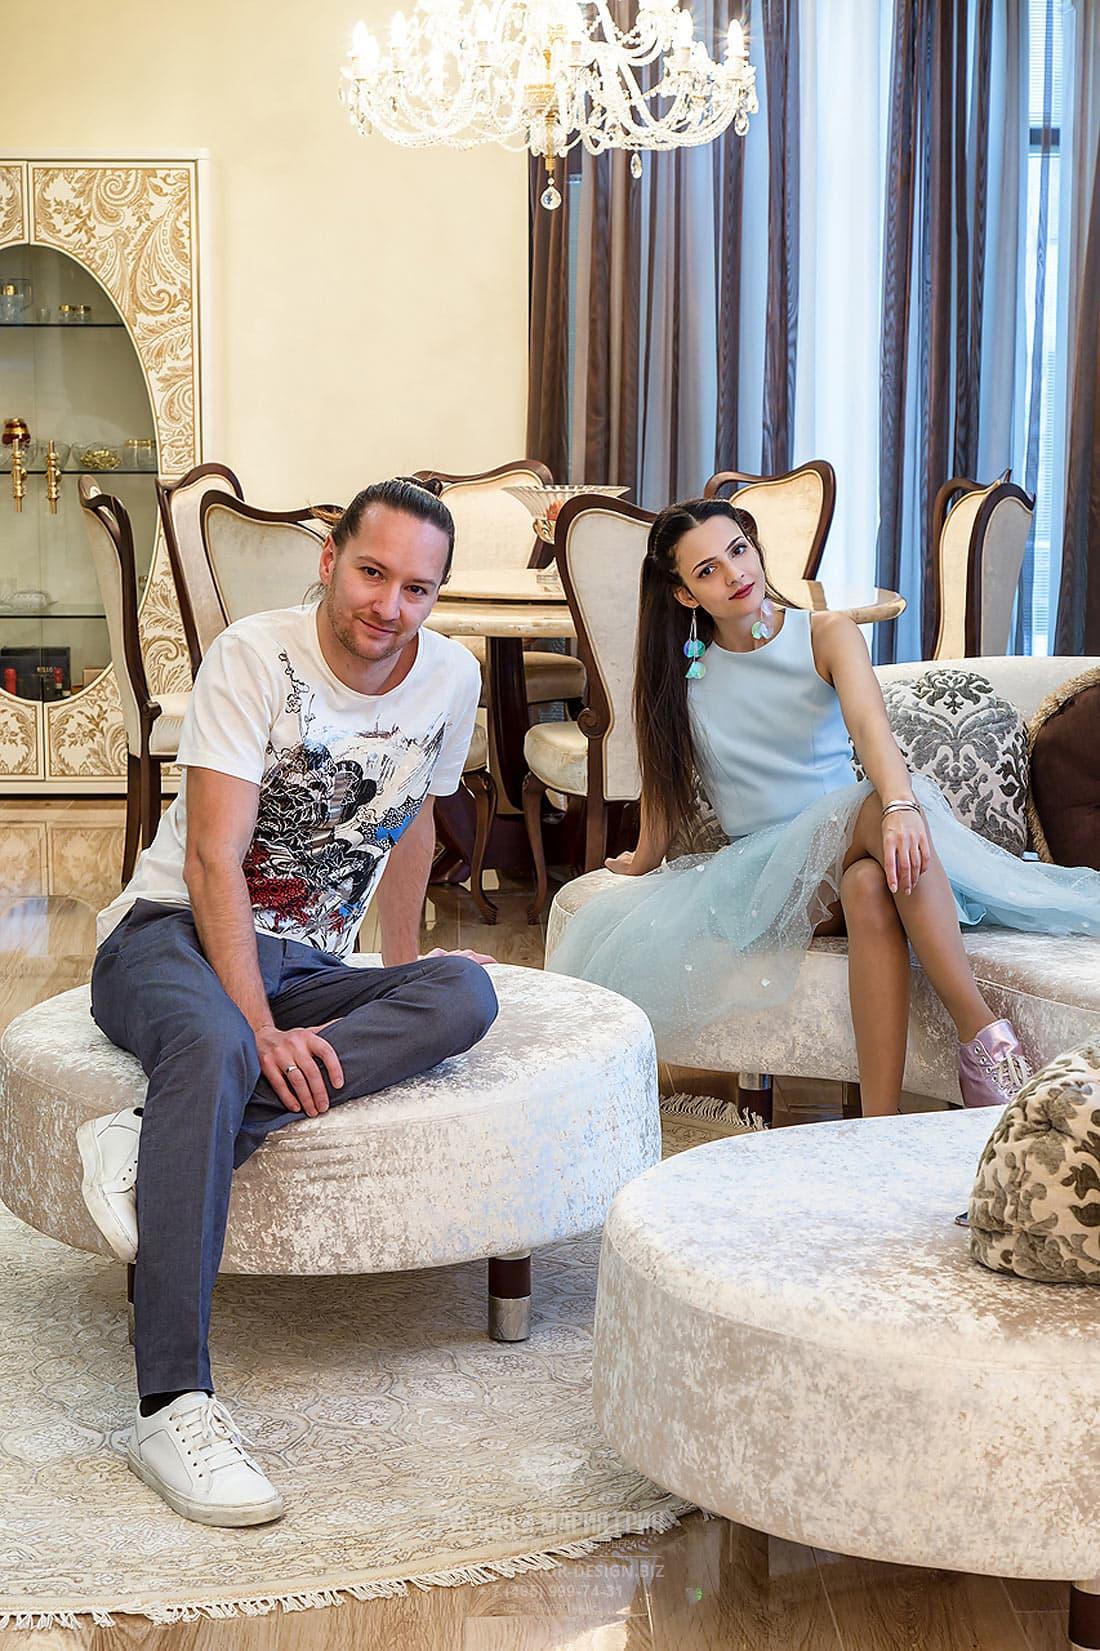 Модные дизайнеры интерьера Руслан и Мария Грин (г. Москва)